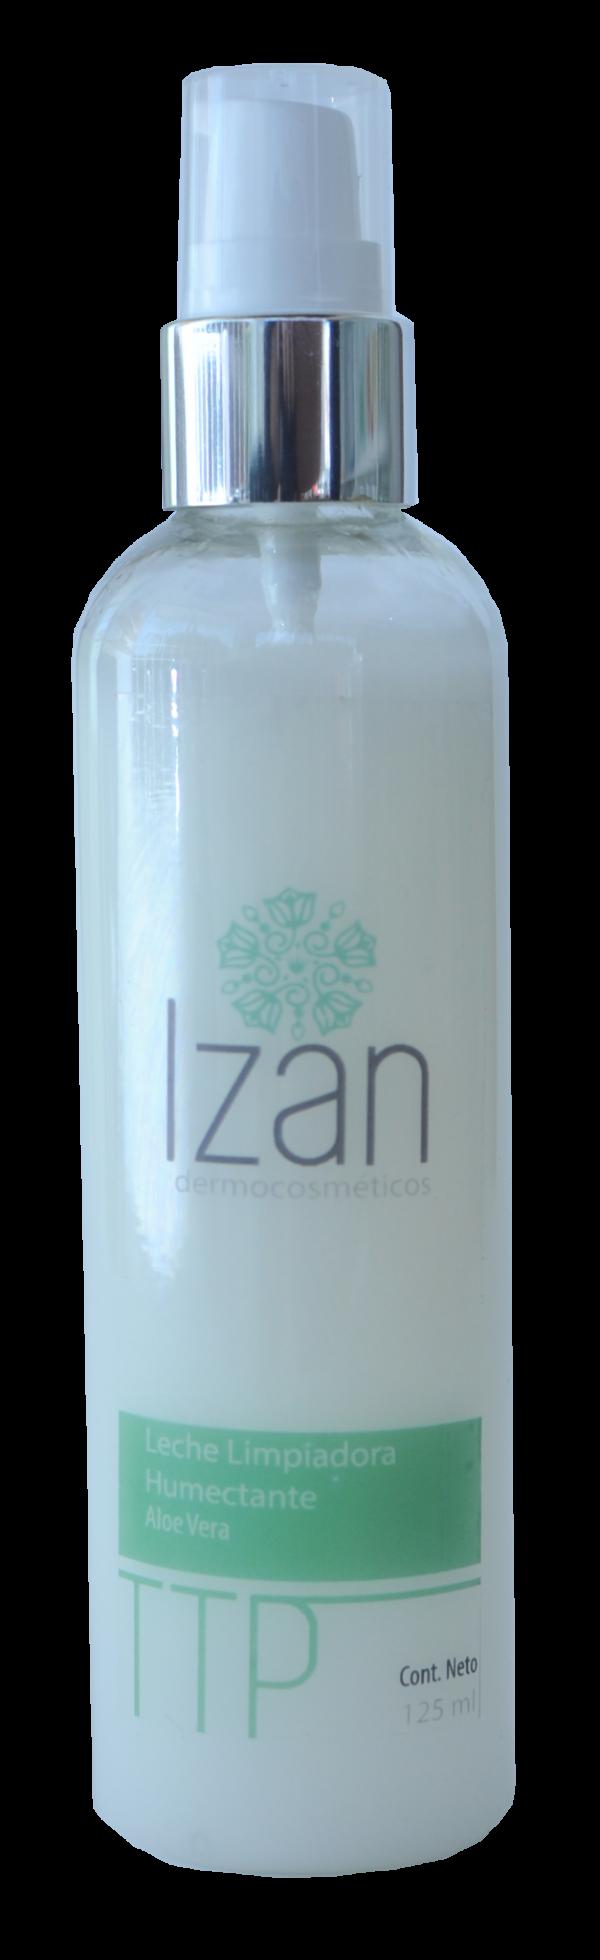 Leche limpiadora humectante IZAN Dermocosméticos productos